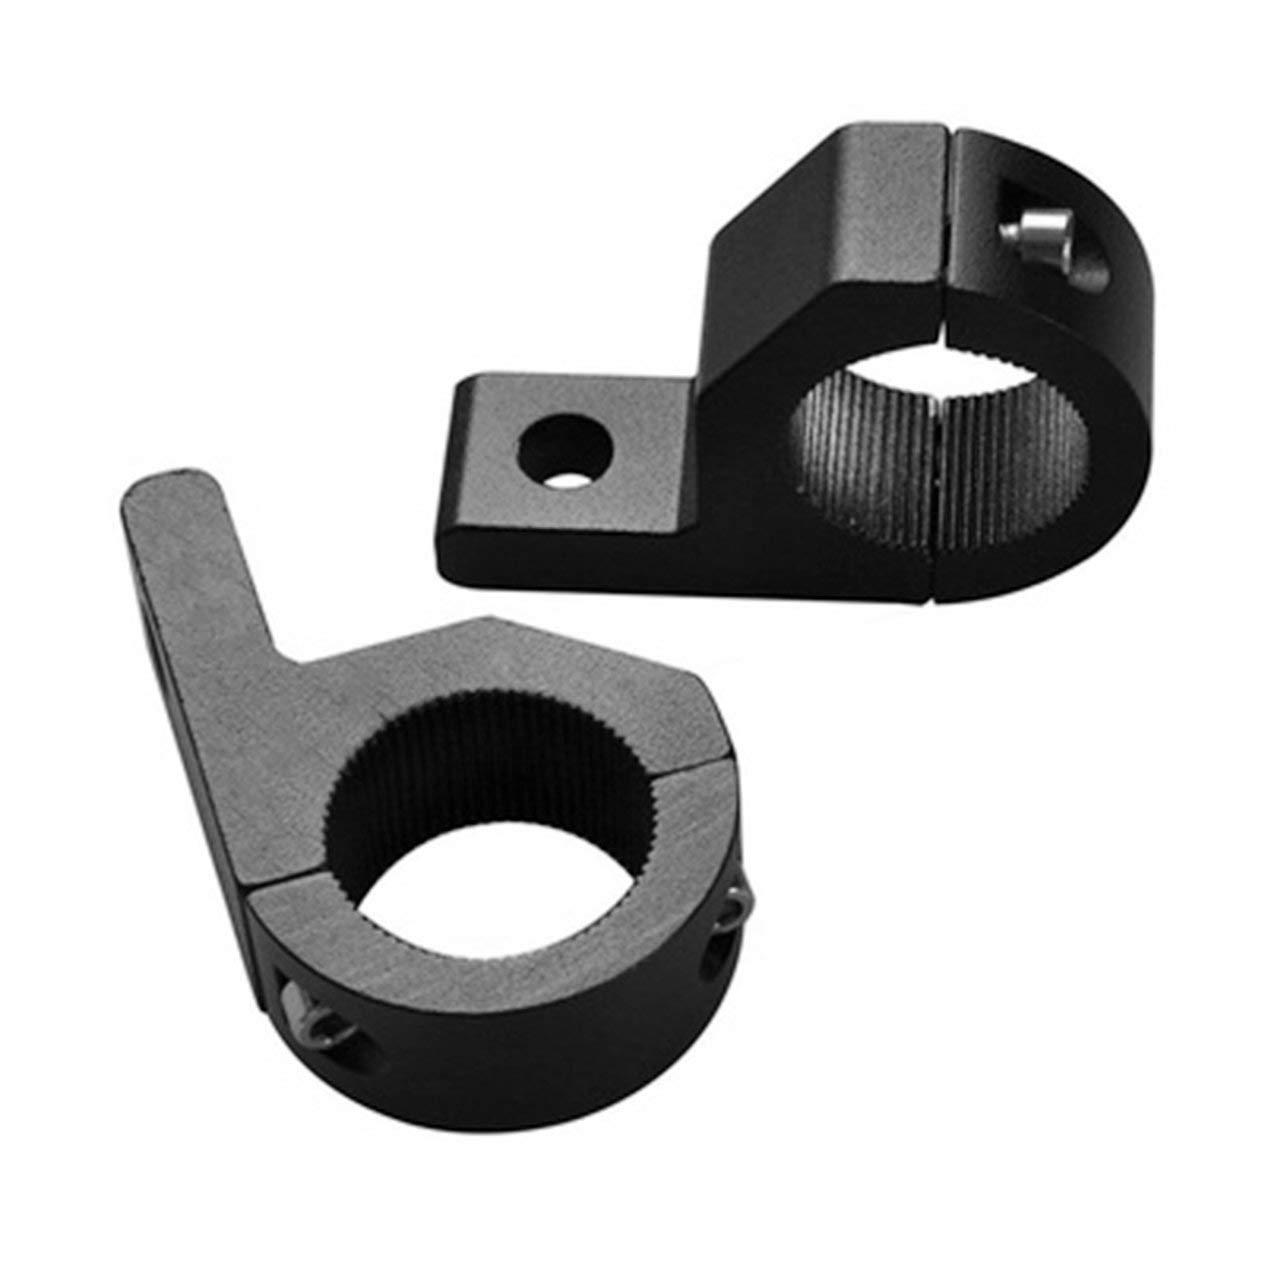 Moto Luz Intermitente Abrazaderas Metal Relocation Tenedor Pinzas Montaje Casquillo para Moto Rueda Delantera Tenedor Bull Bar Soportes